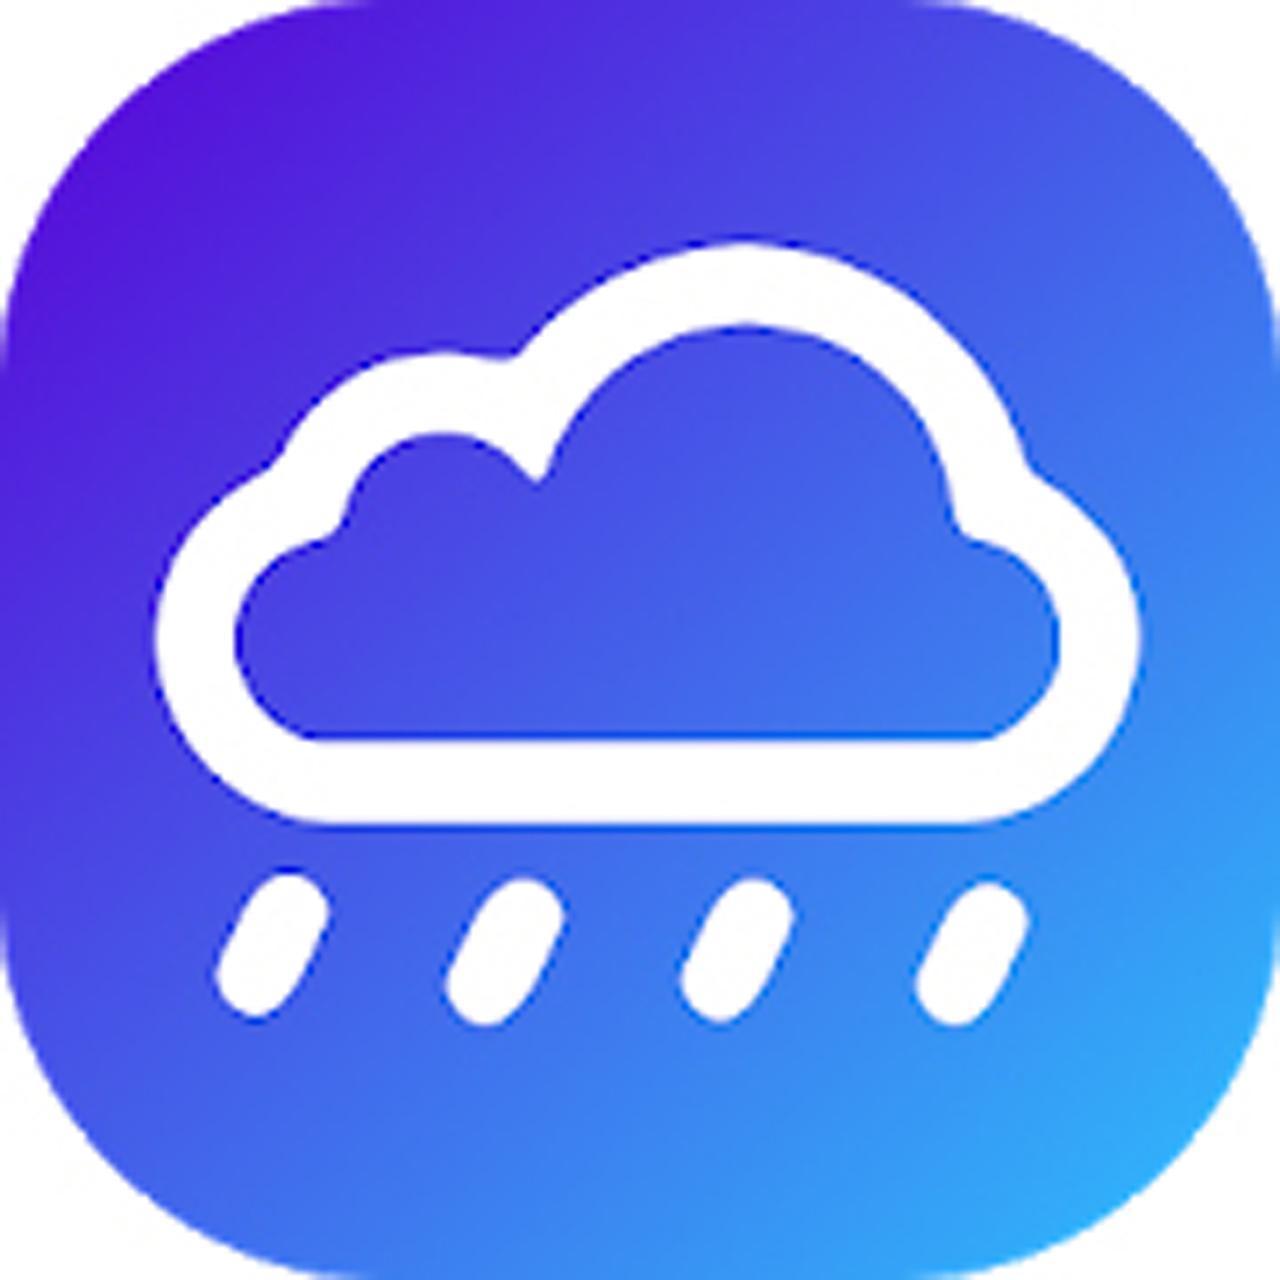 画像4: 豪雨情報、台風情報を事前に収集したいなら、このアプリ!  人気の気象アプリ5種をチェック!